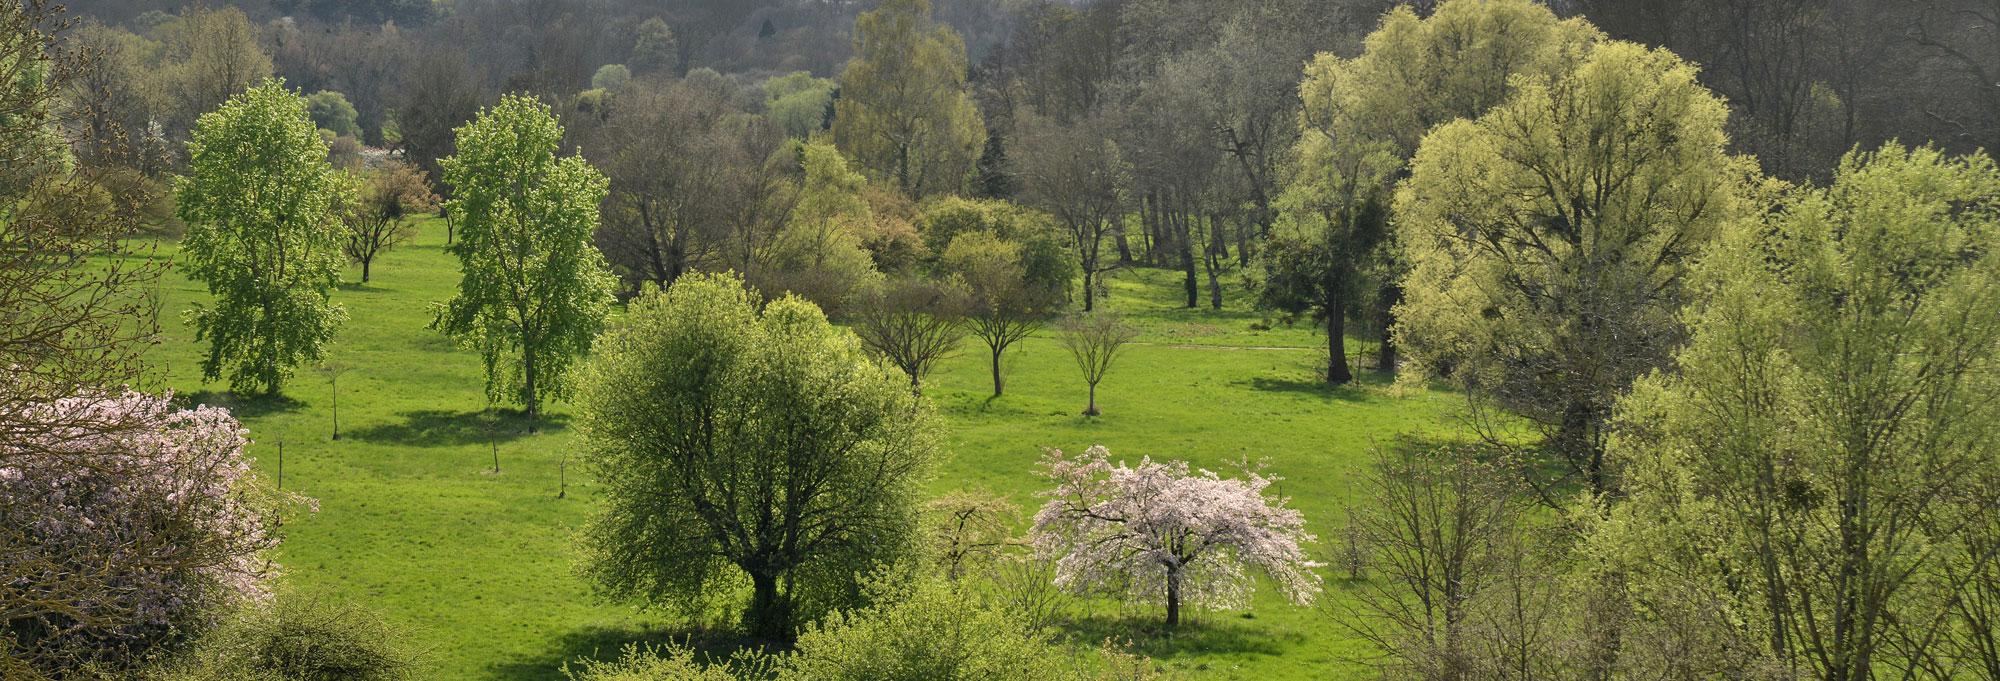 Vue de l'arboretum de Chèvreloup © MNHN - S. Gerbault